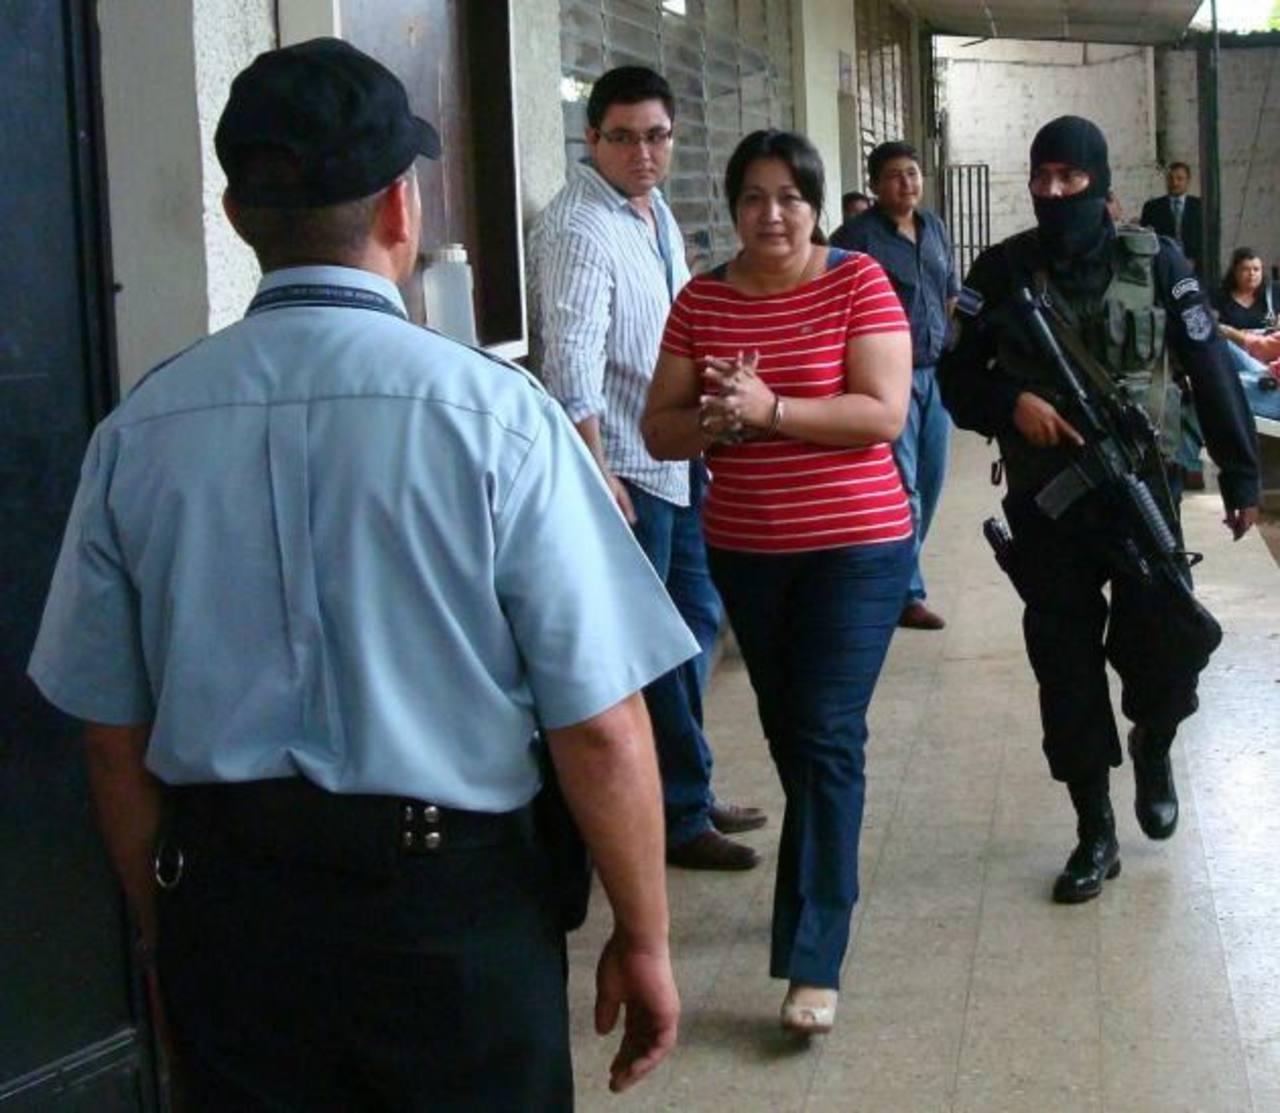 La exgerente de un banco de San Miguel Mirna del Carmen Gómez Flores fue detenida en 2010. Foto EDH / Archivo